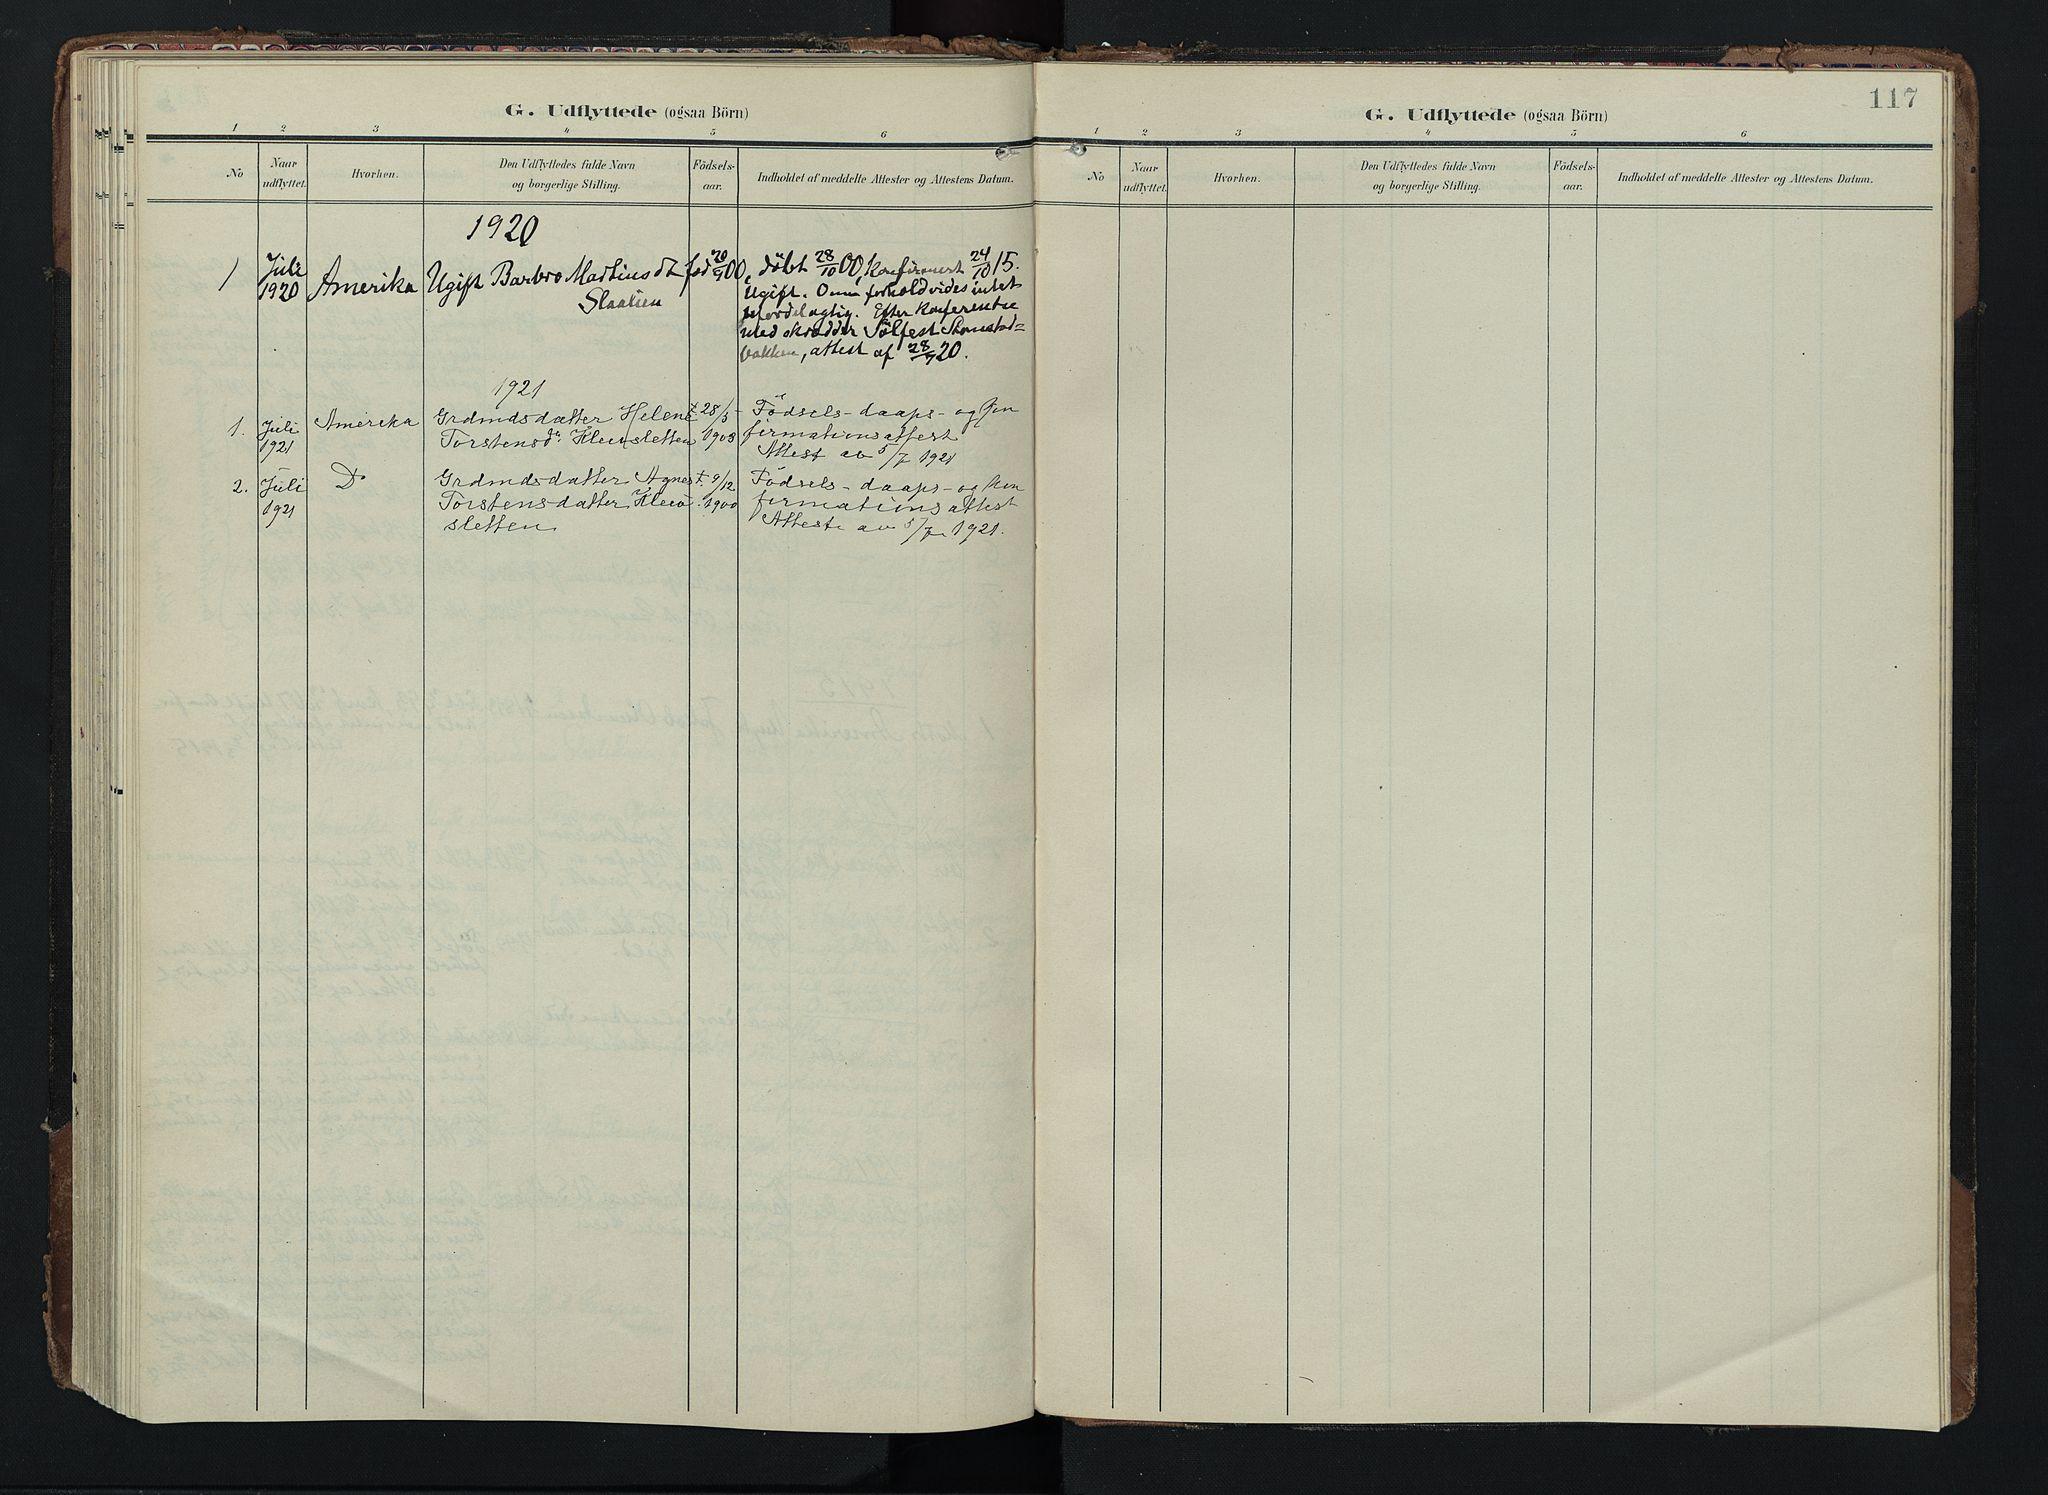 SAH, Lom prestekontor, K/L0012: Ministerialbok nr. 12, 1904-1928, s. 117